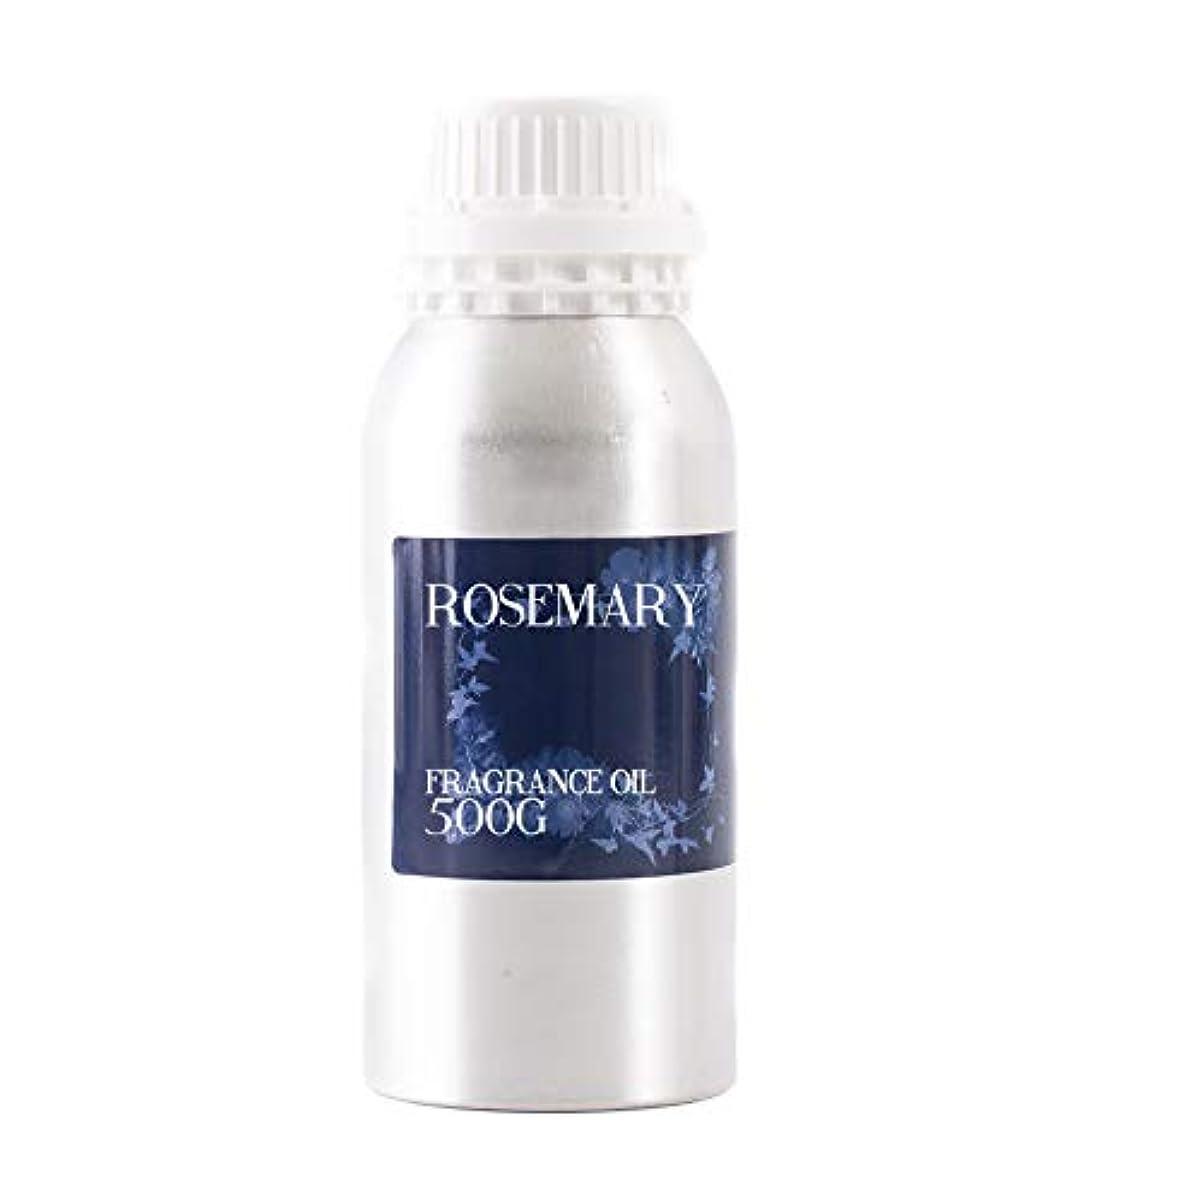 延ばす苦悩遮るMystic Moments   Rosemary Fragrance Oil - 500g